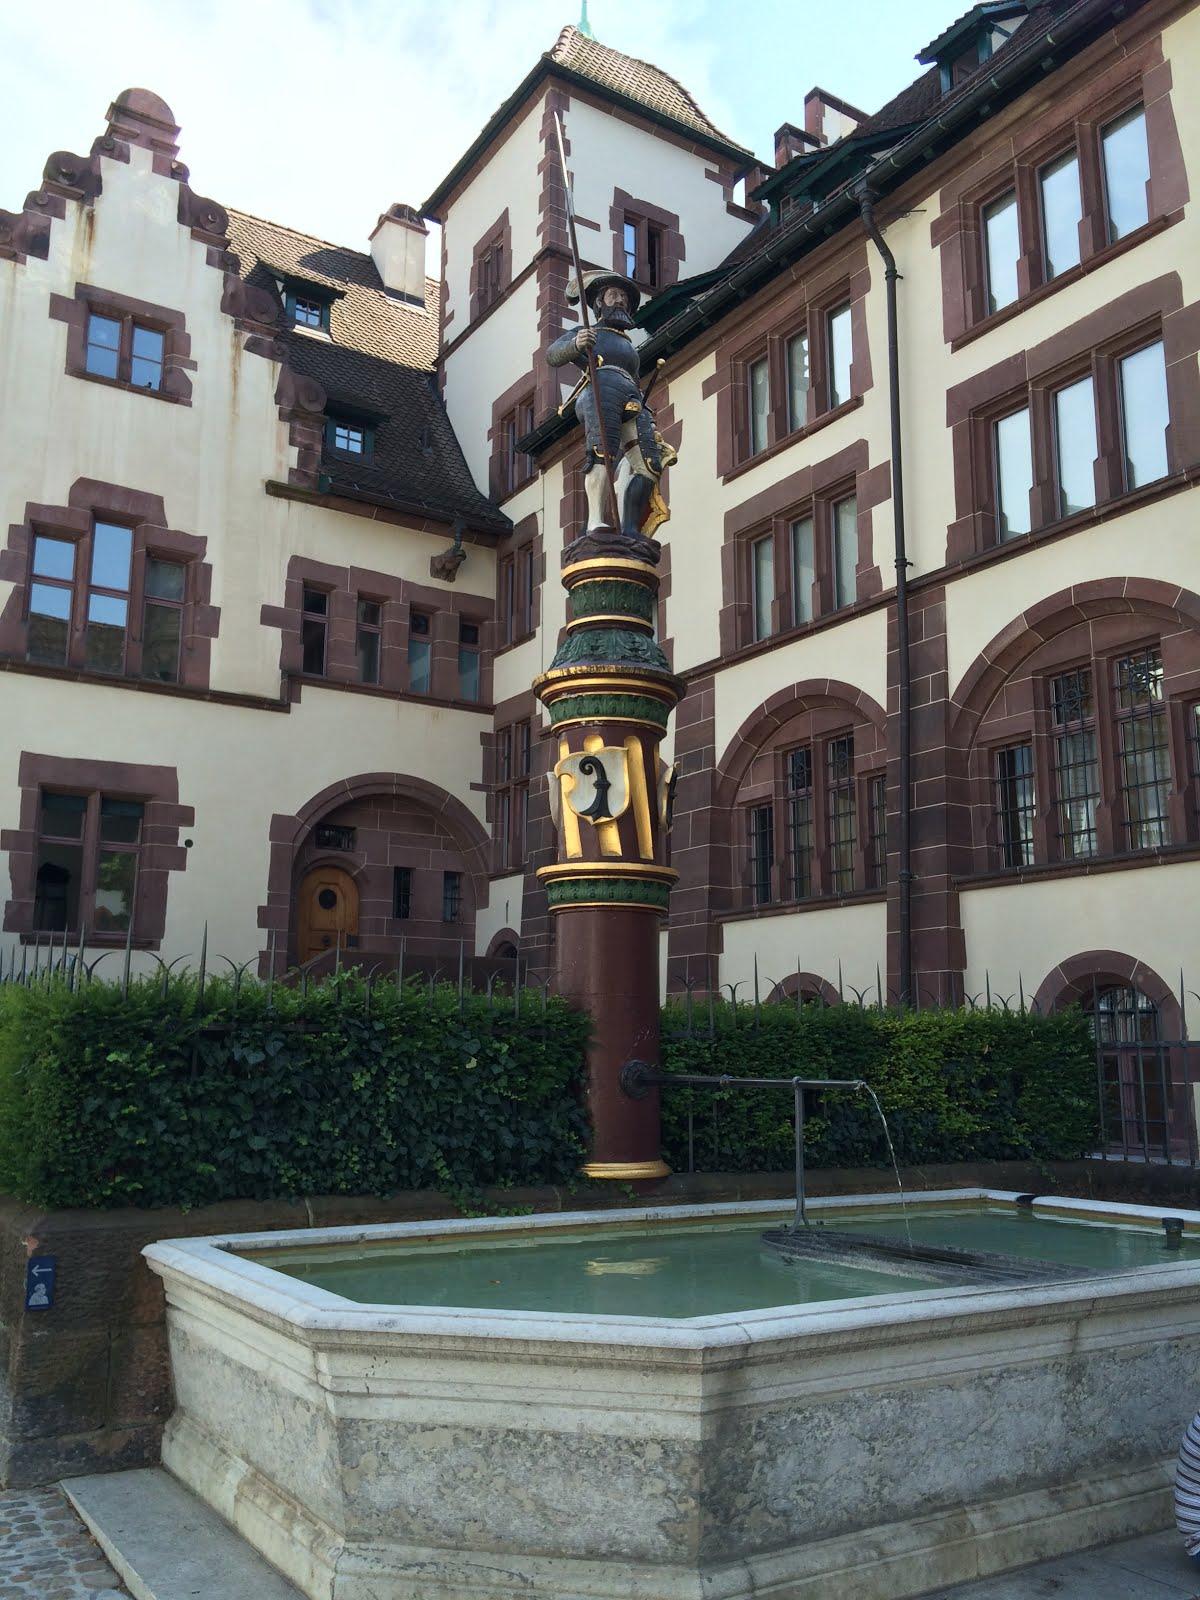 Impressions of Basel